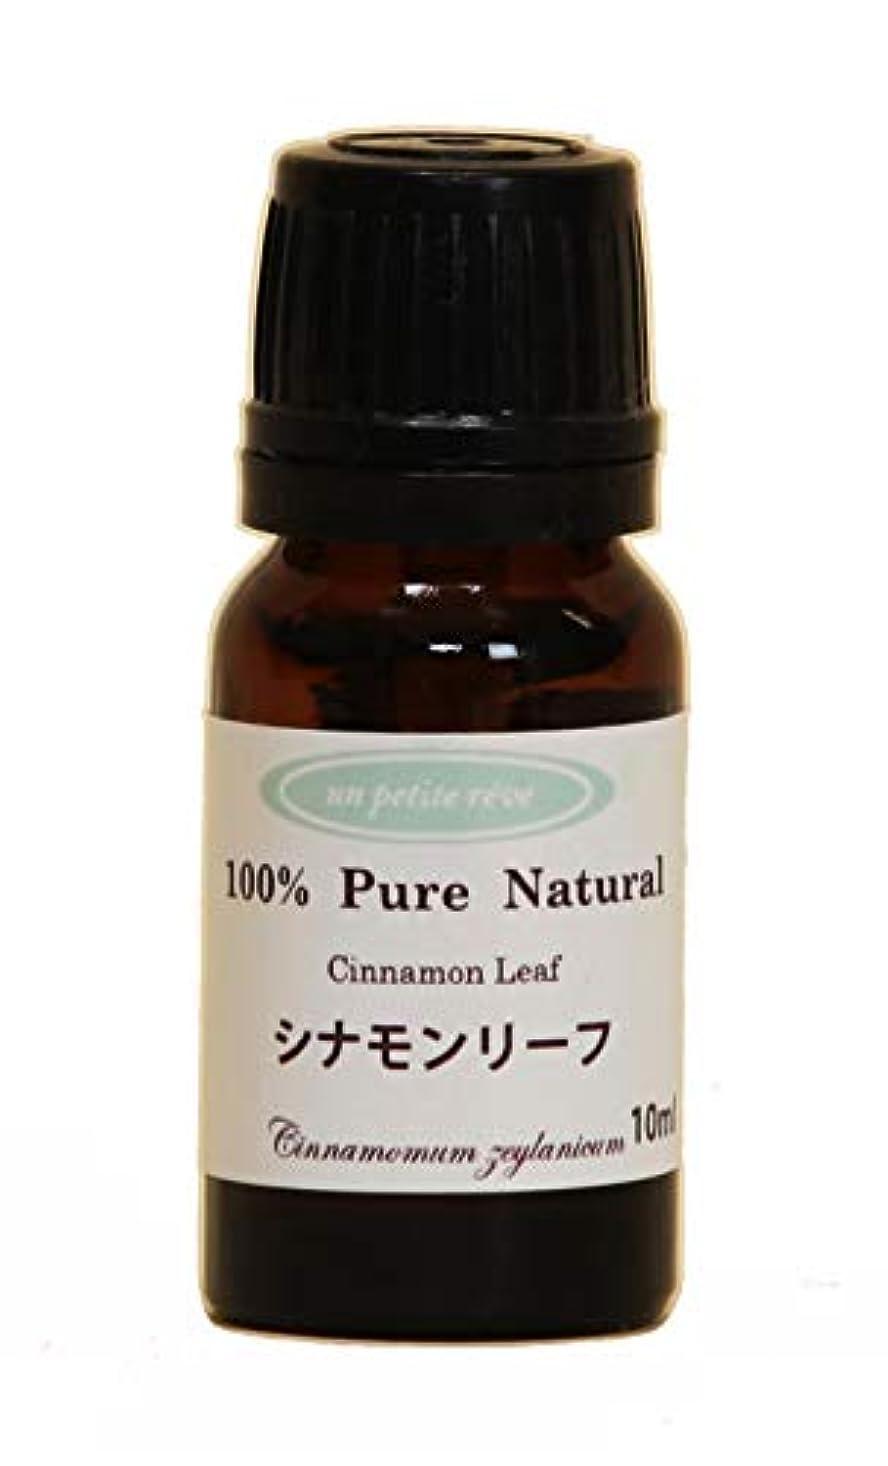 レルム不適切なまともなシナモンリーフ  10ml 100%天然アロマエッセンシャルオイル(精油)